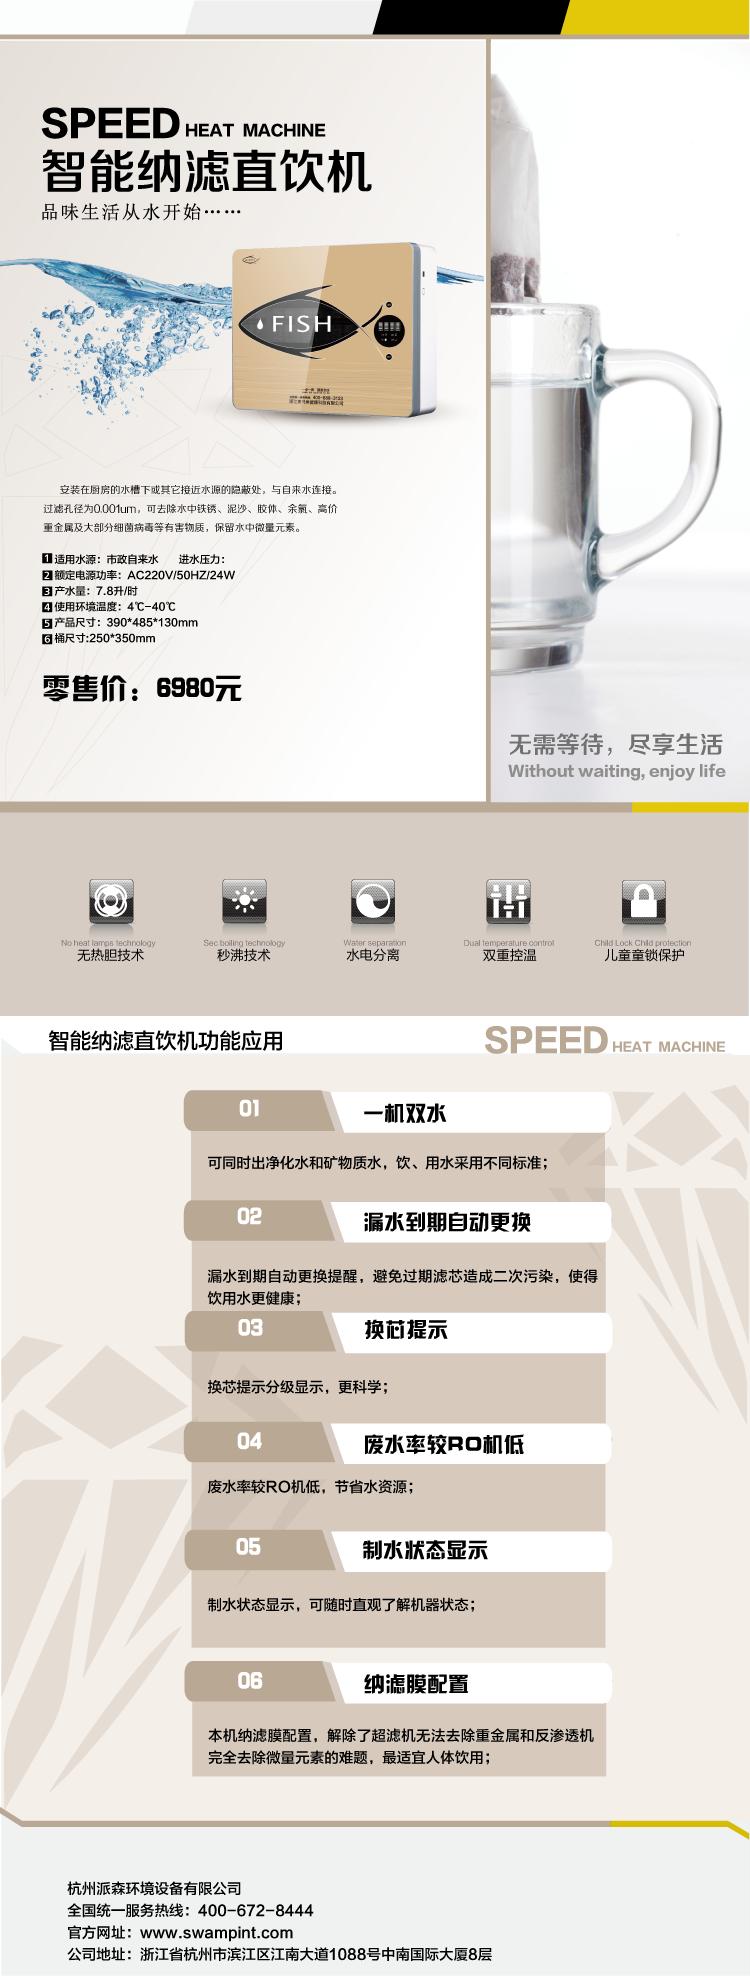 智能纳滤直饮机jw2005-2 ·滤芯配置:卡接式9寸滤芯.